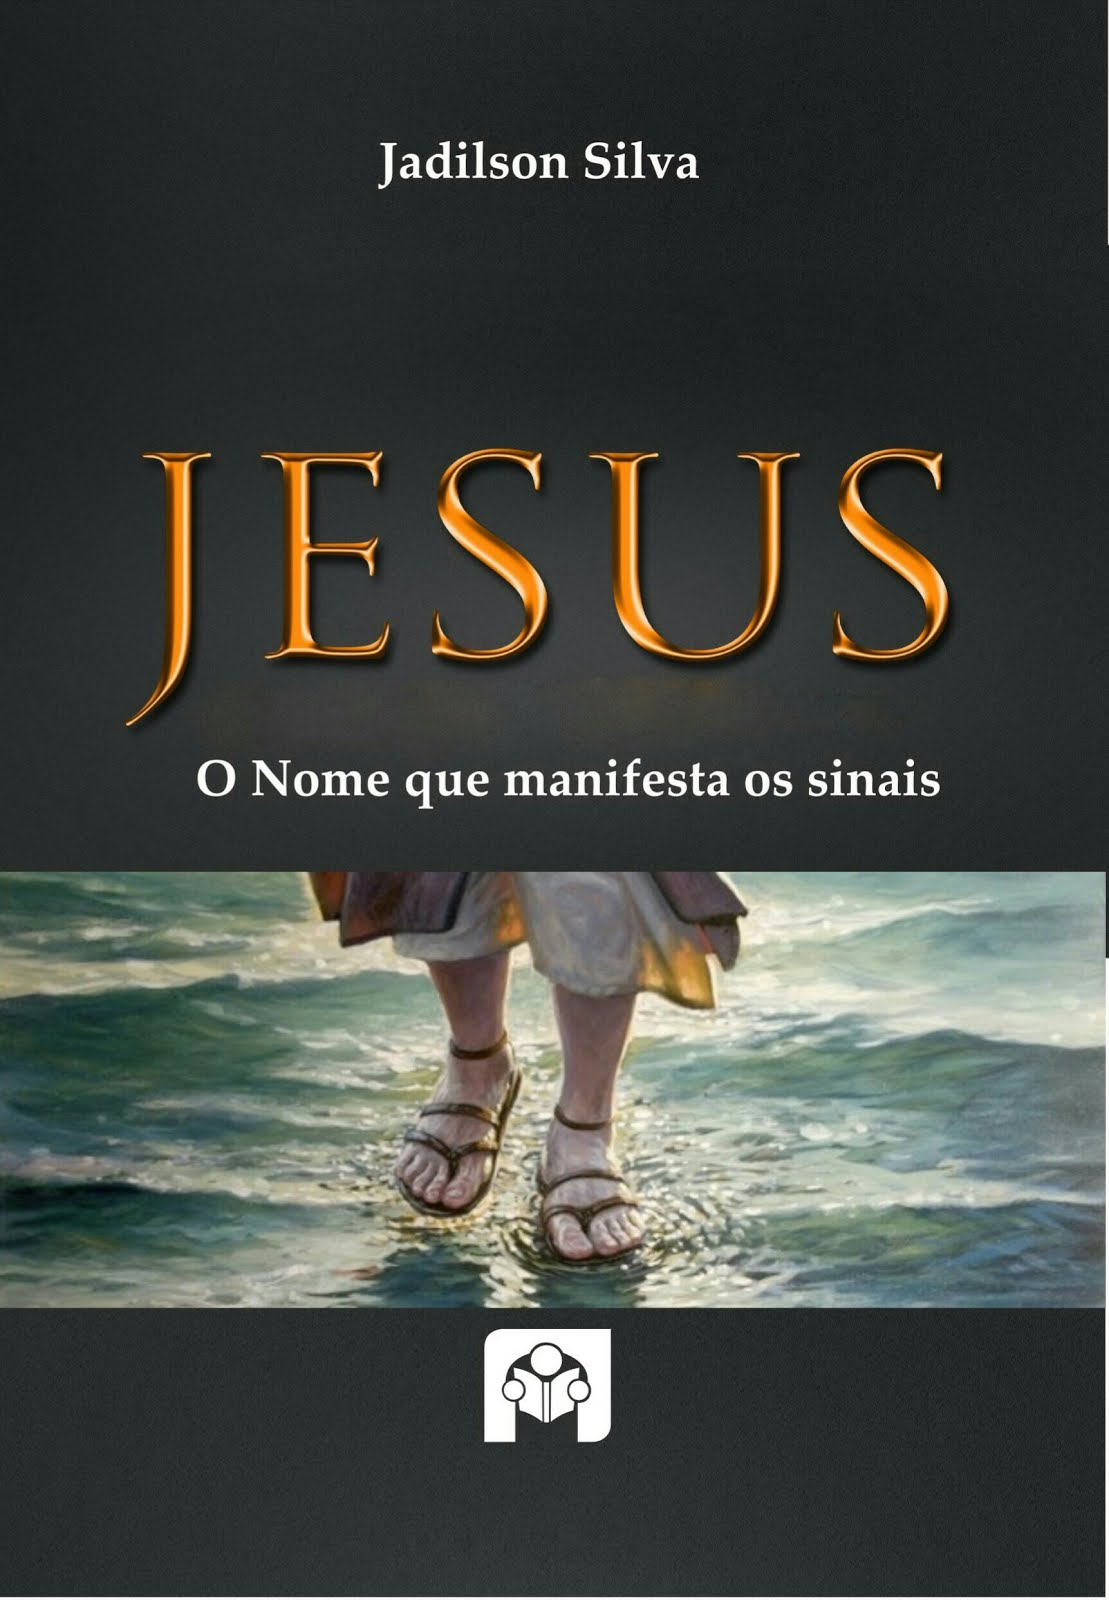 Livro: Jesus, O nome que manifesta os sinais